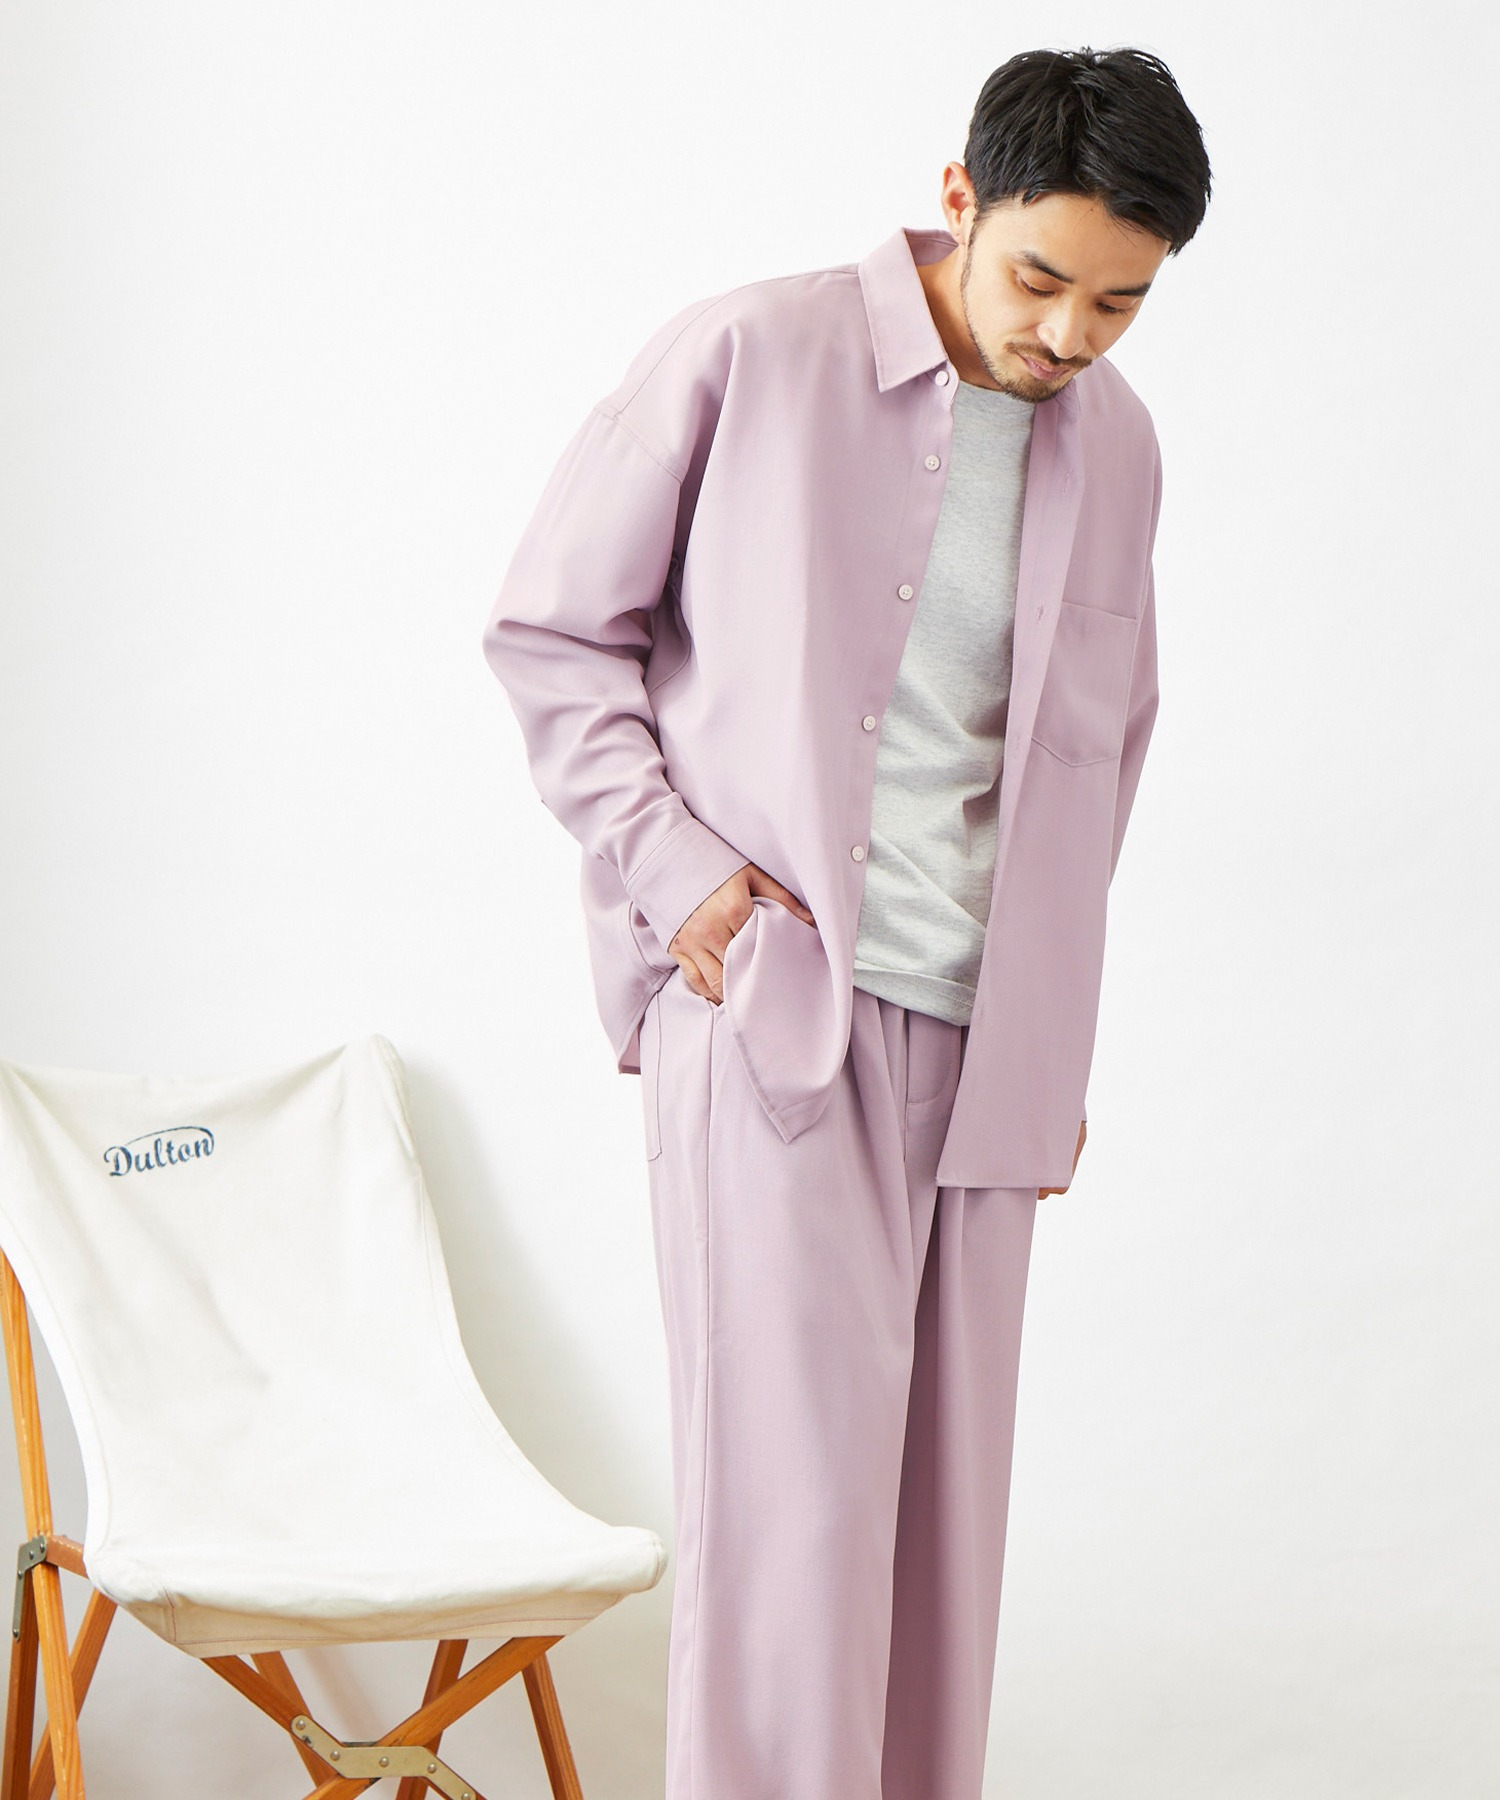 【セットアップ】テックリネン オーバーサイズ L/Sレギュラーカラーシャツ&タックバルーンワイドパンツ